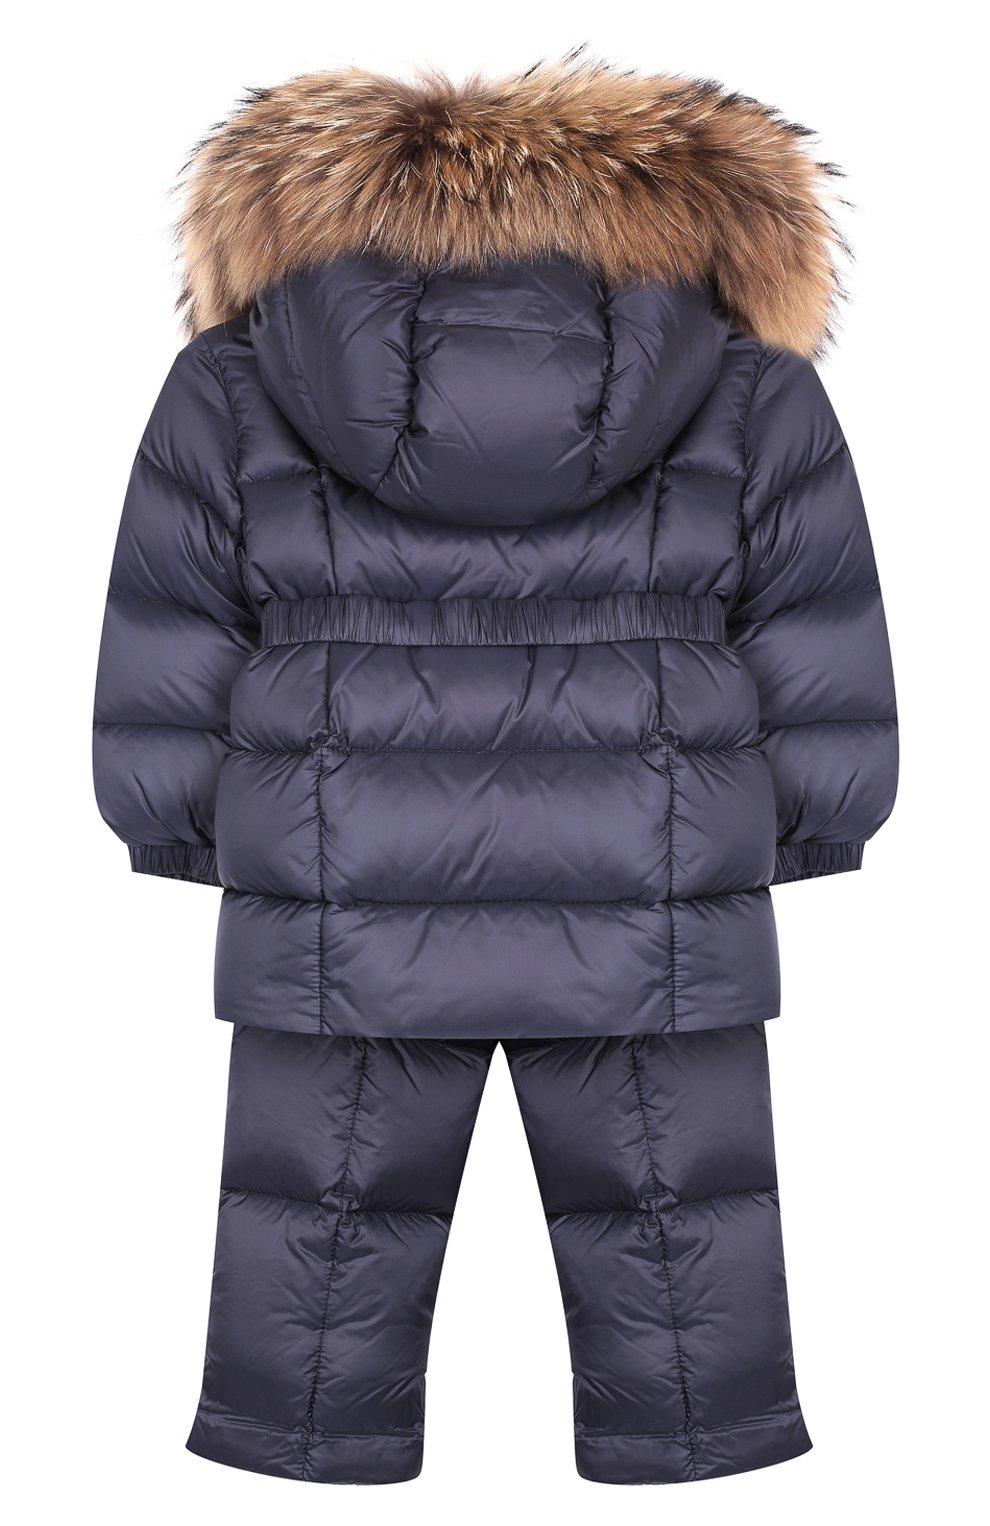 Детский комплект из пуховой куртки и комбинезона на подтяжках MONCLER ENFANT темно-синего цвета, арт. D2-951-70336-25-53048 | Фото 2